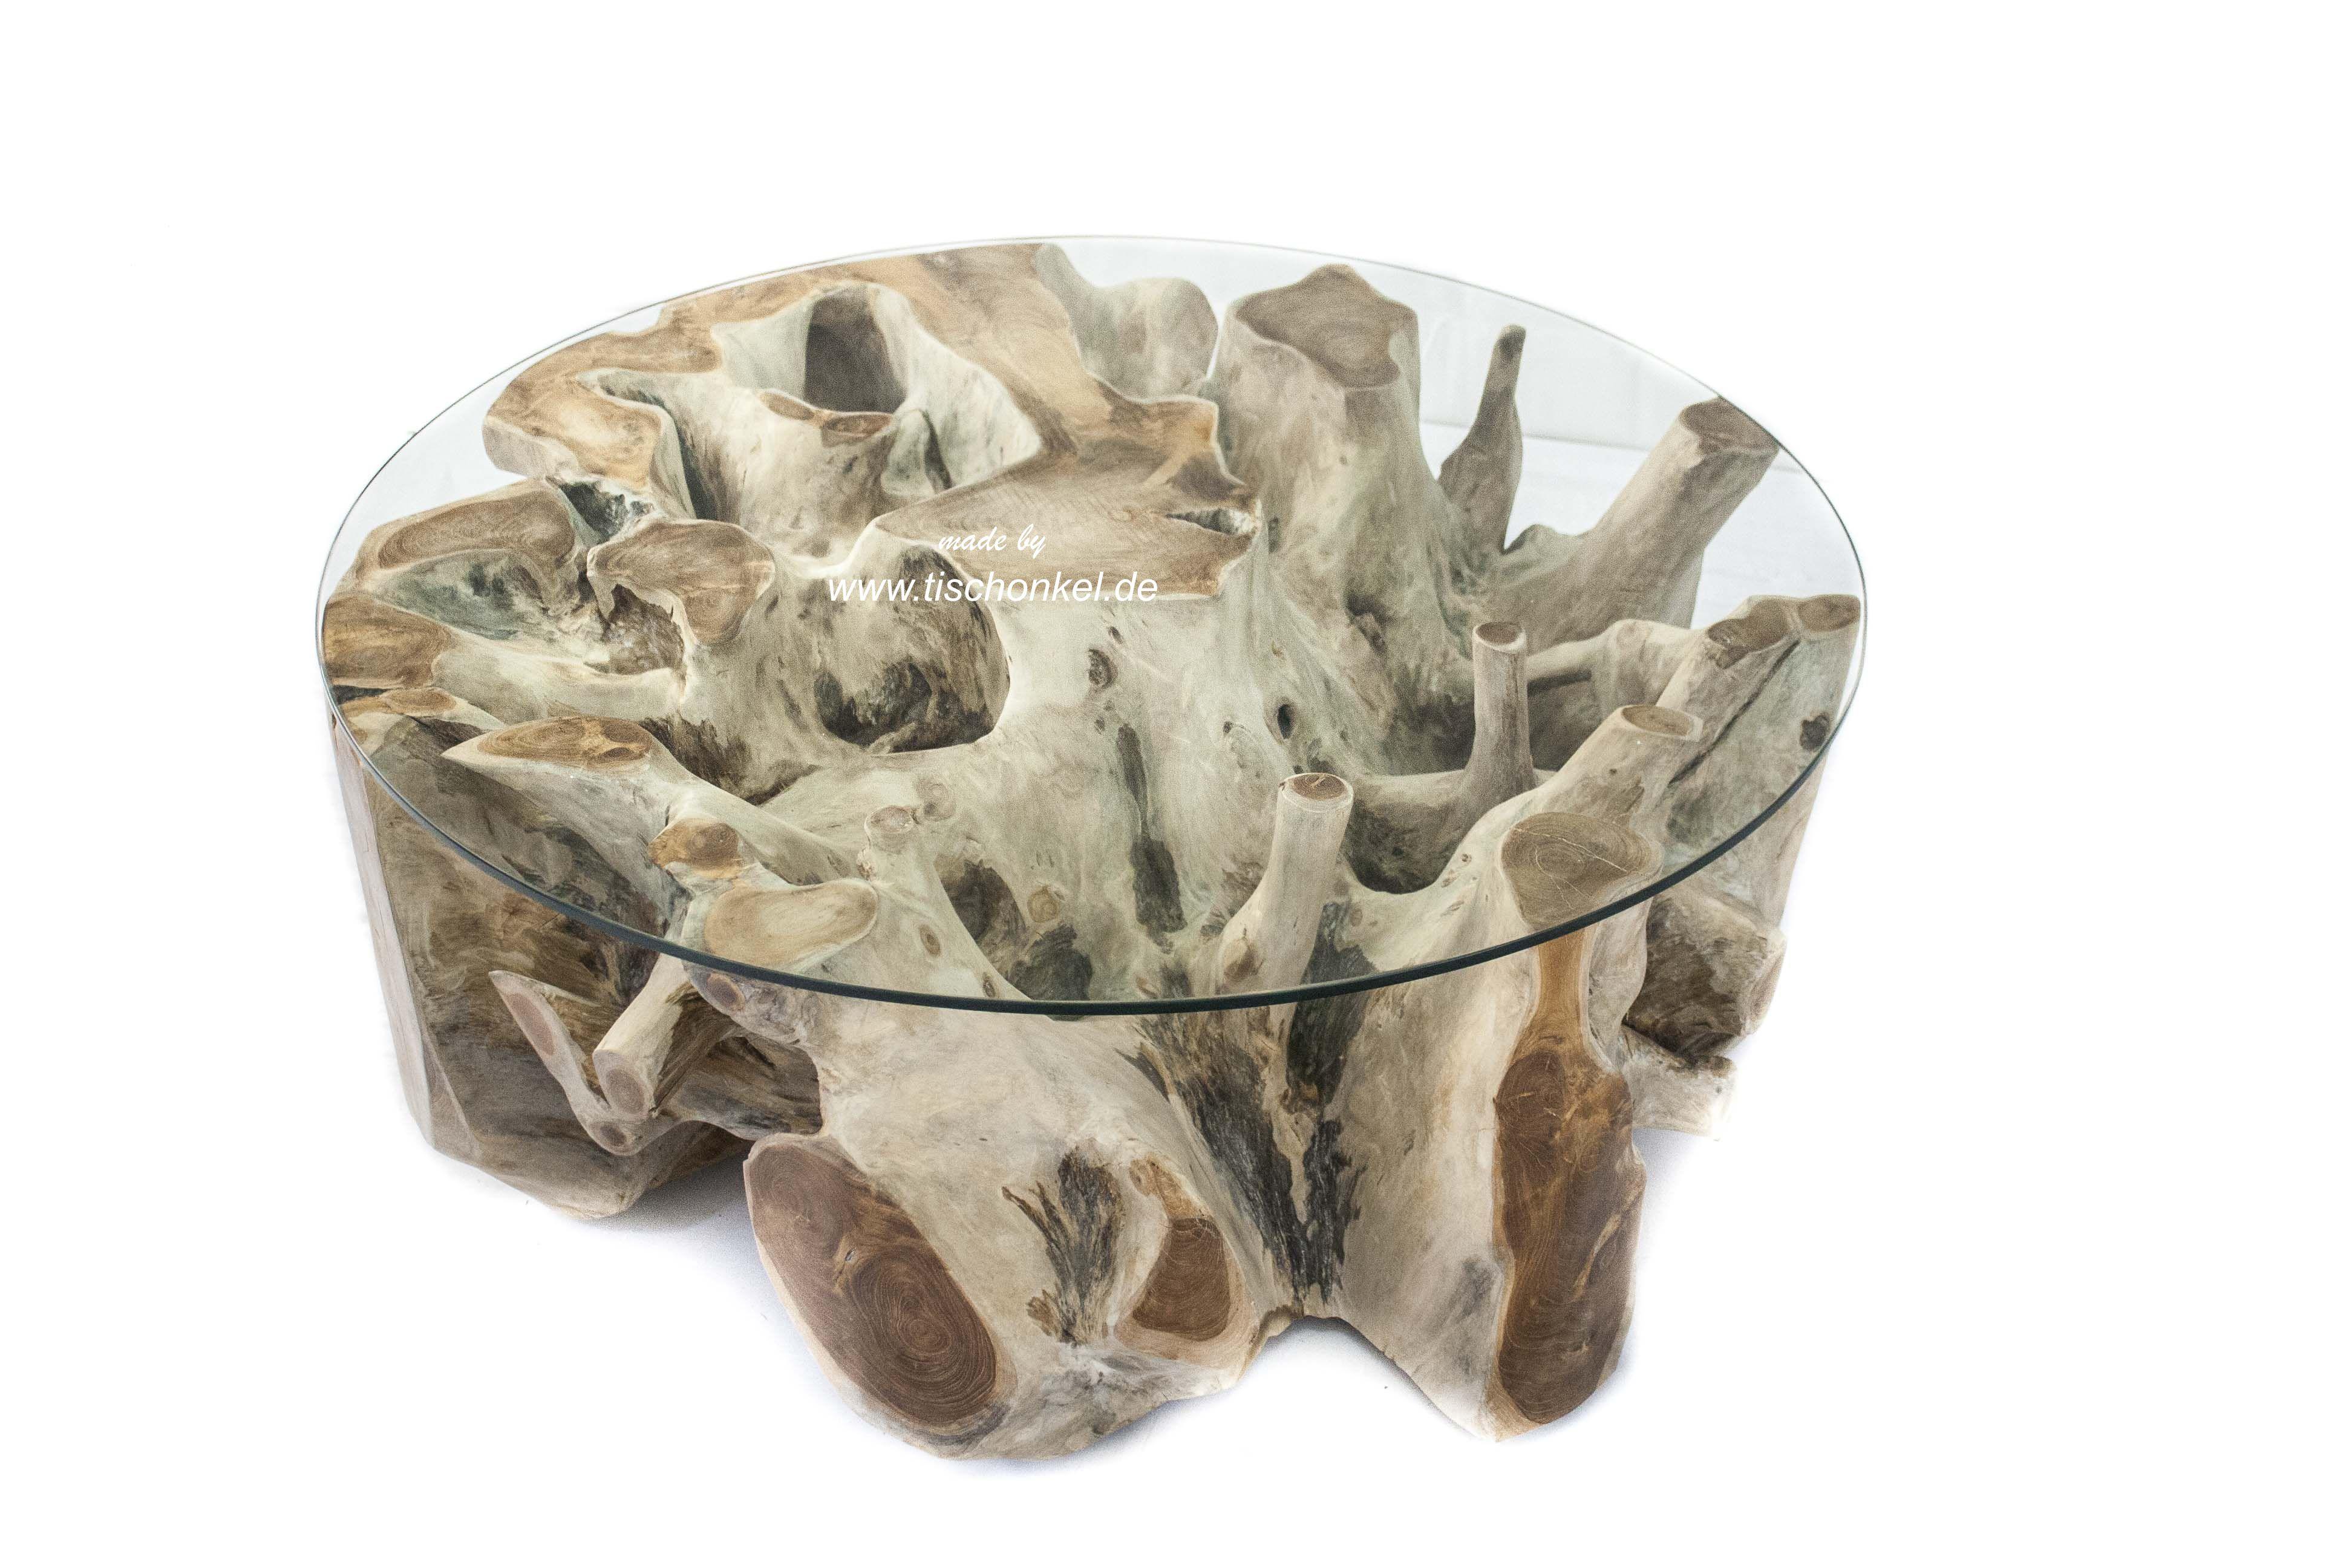 Teak Wurzel Tisch teakholz wurzeltisch : der tischonkel